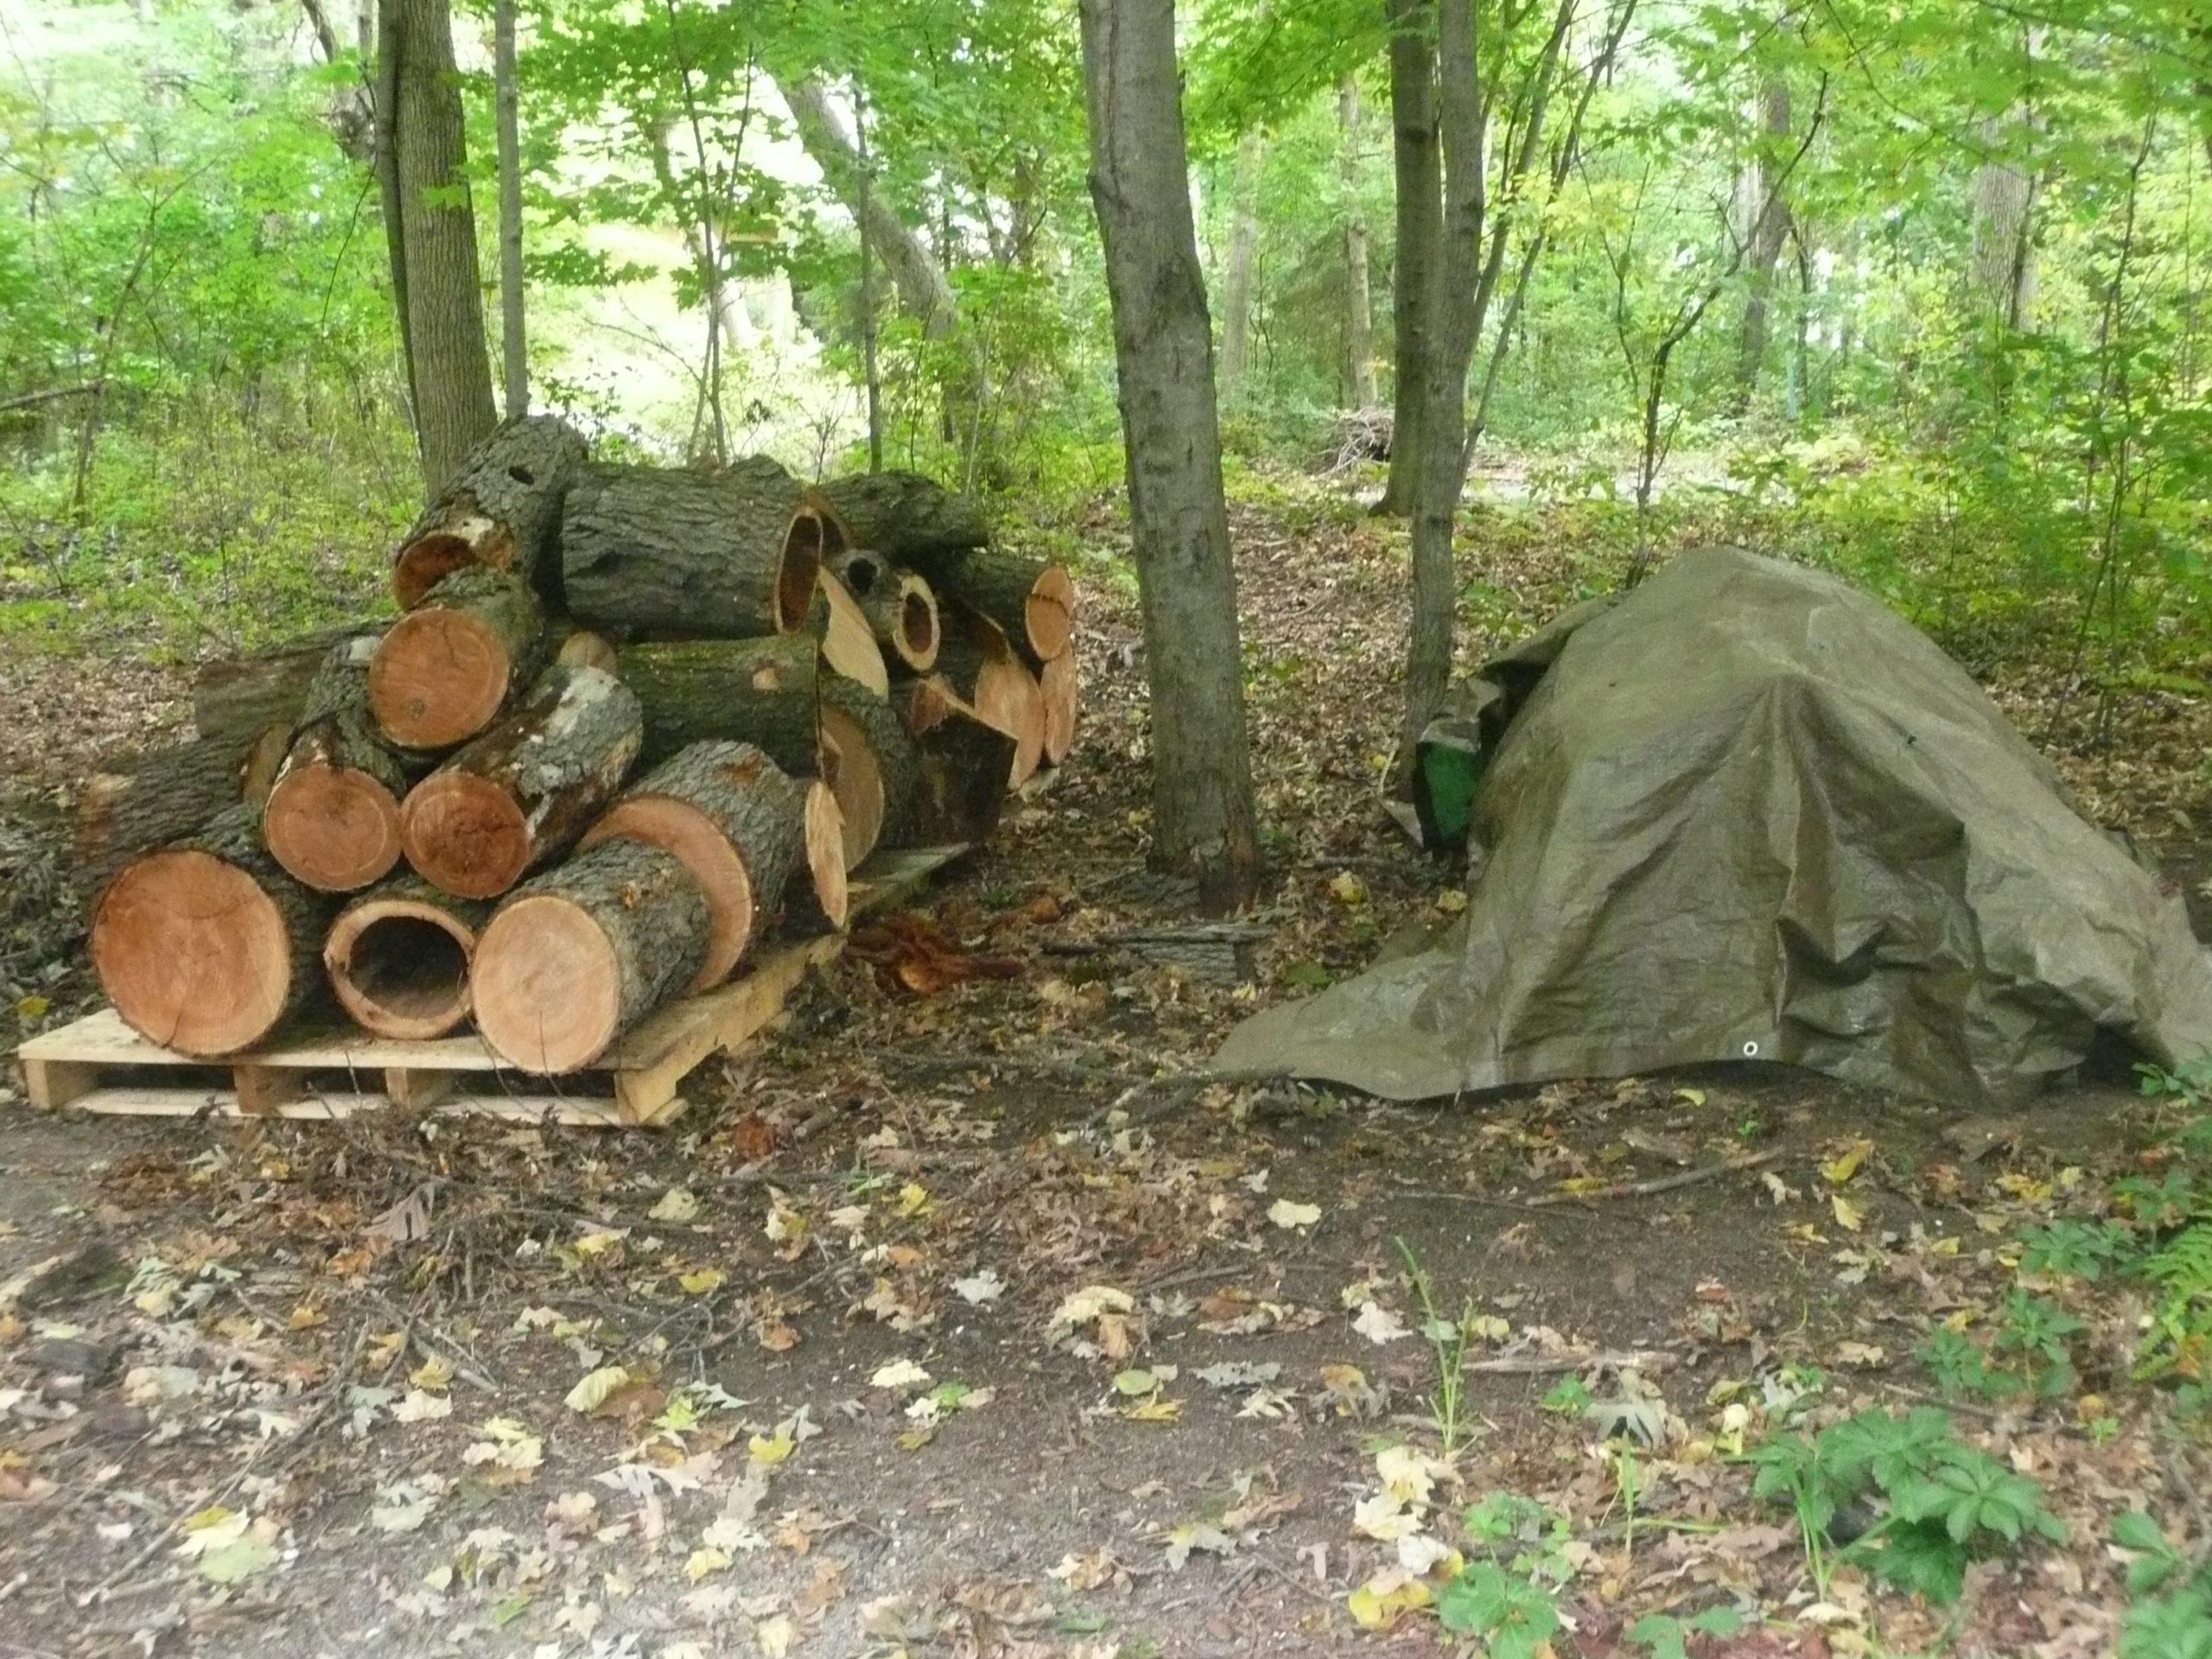 Ebony wood tree